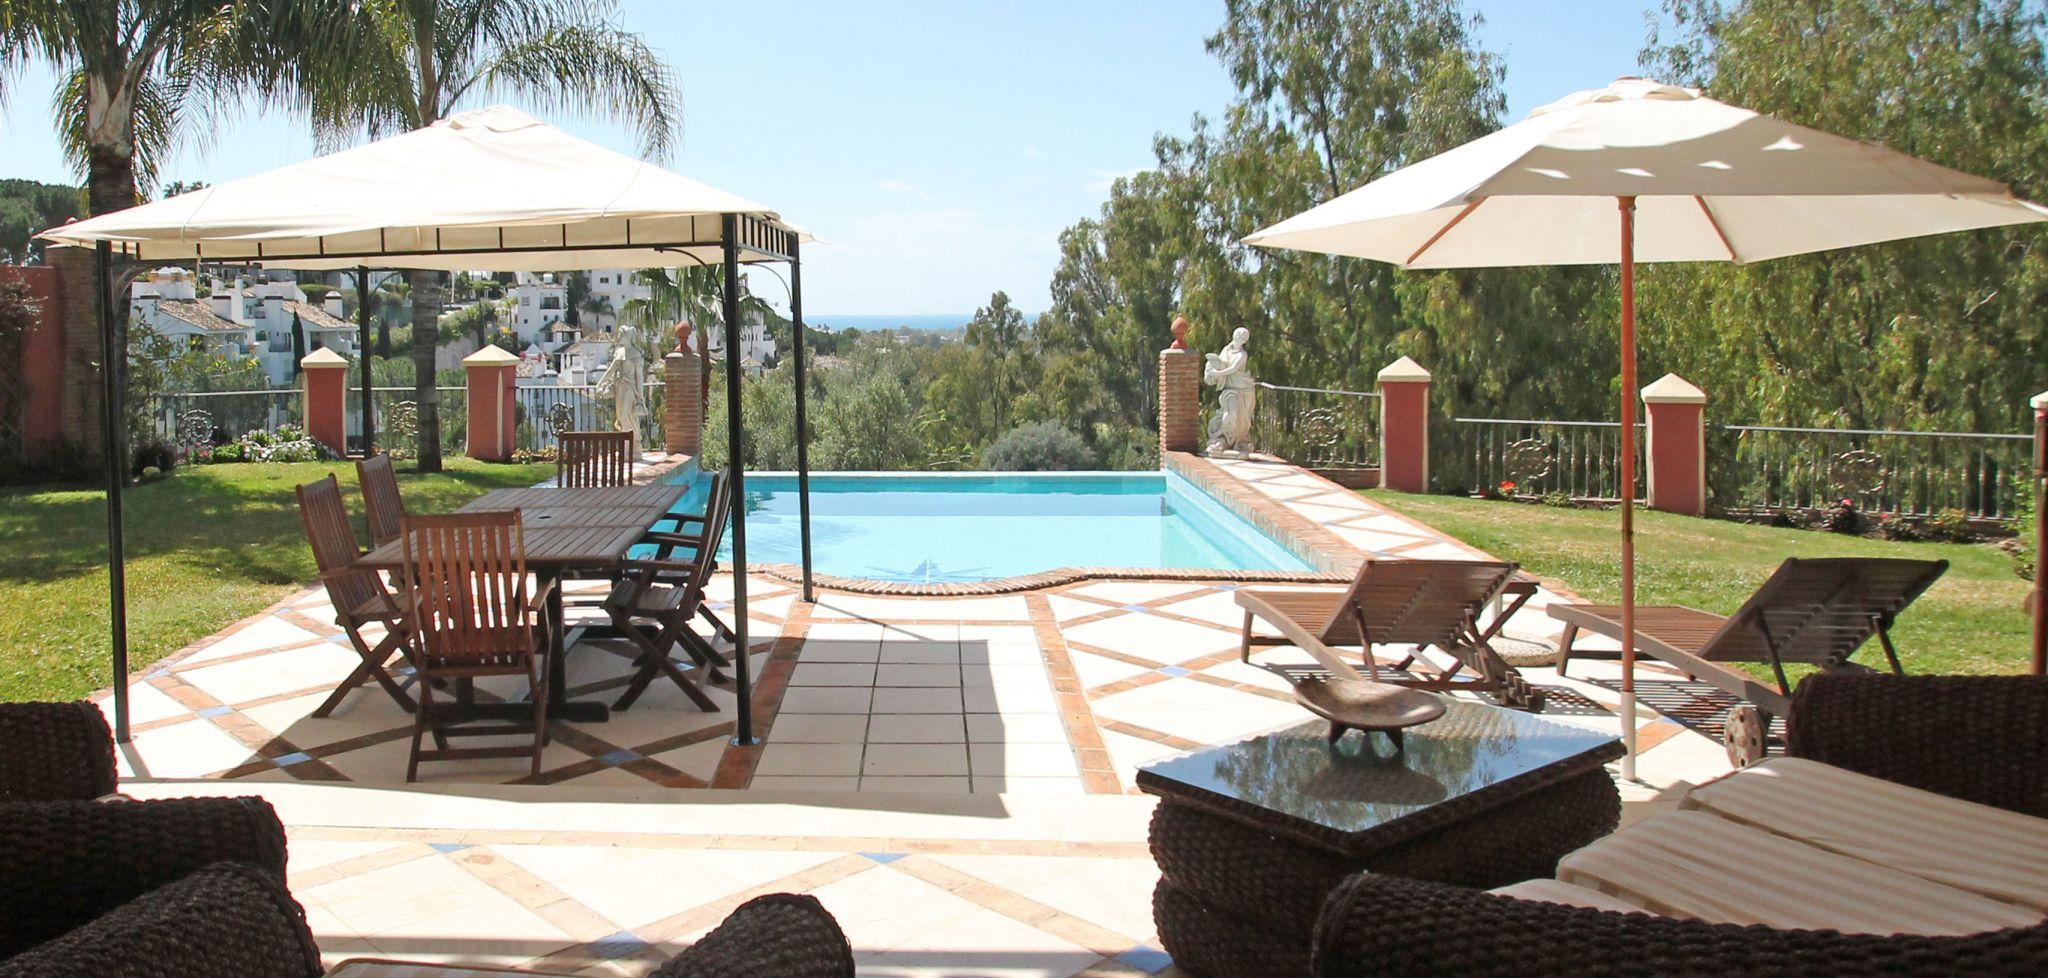 Villa de seis dormitorios con vistas al mar en primera línea de golf, Marbella